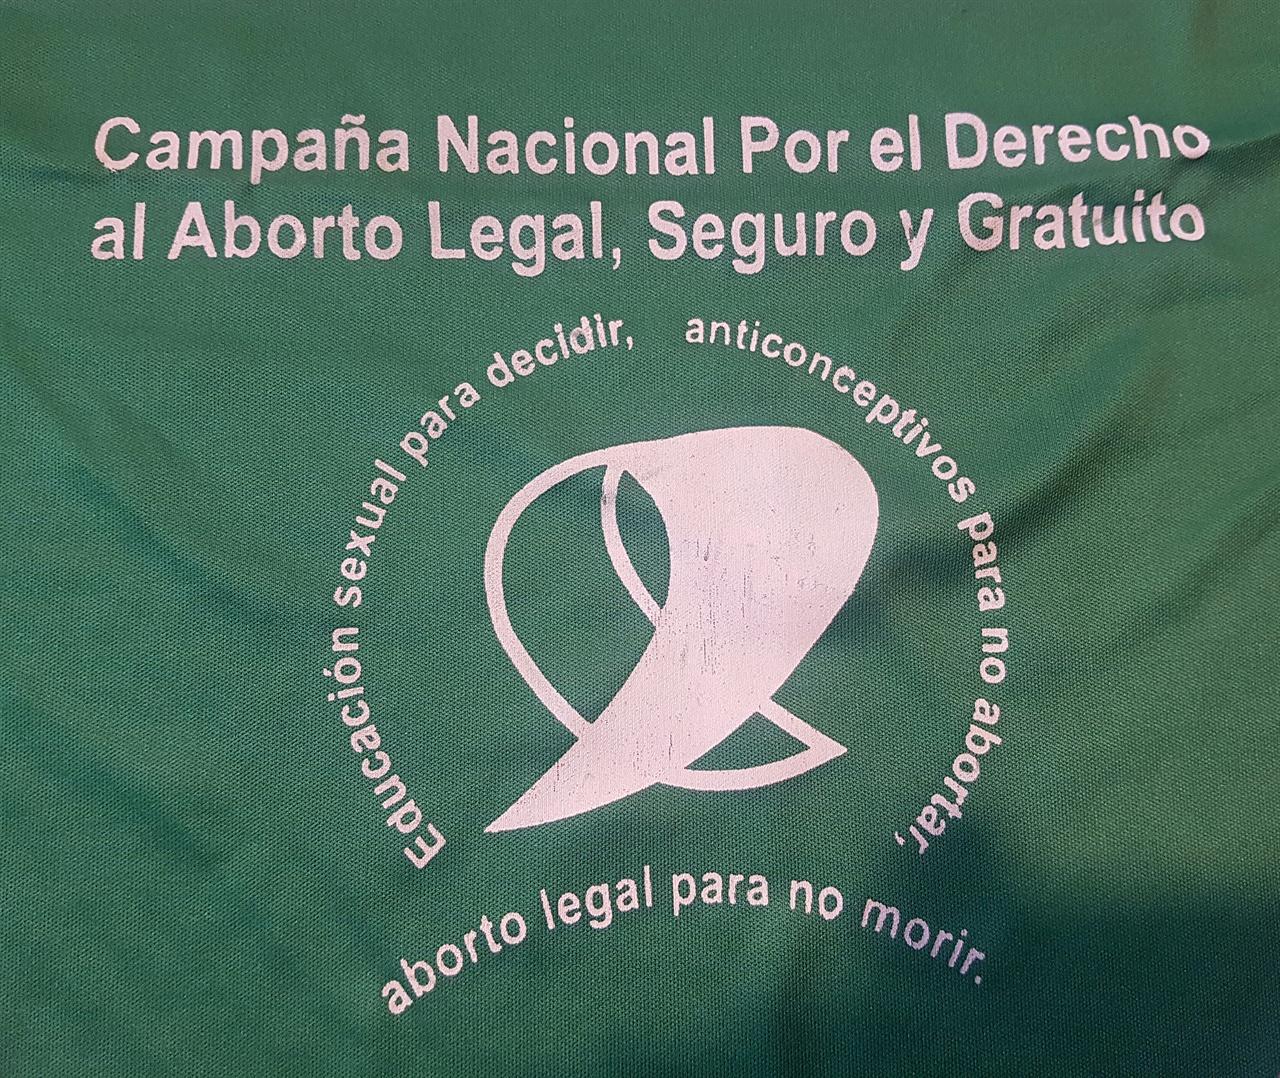 삼각형 모양의 녹색 반다나에는 이런 '낙태합법화'를 주장하는 표어가 있다.